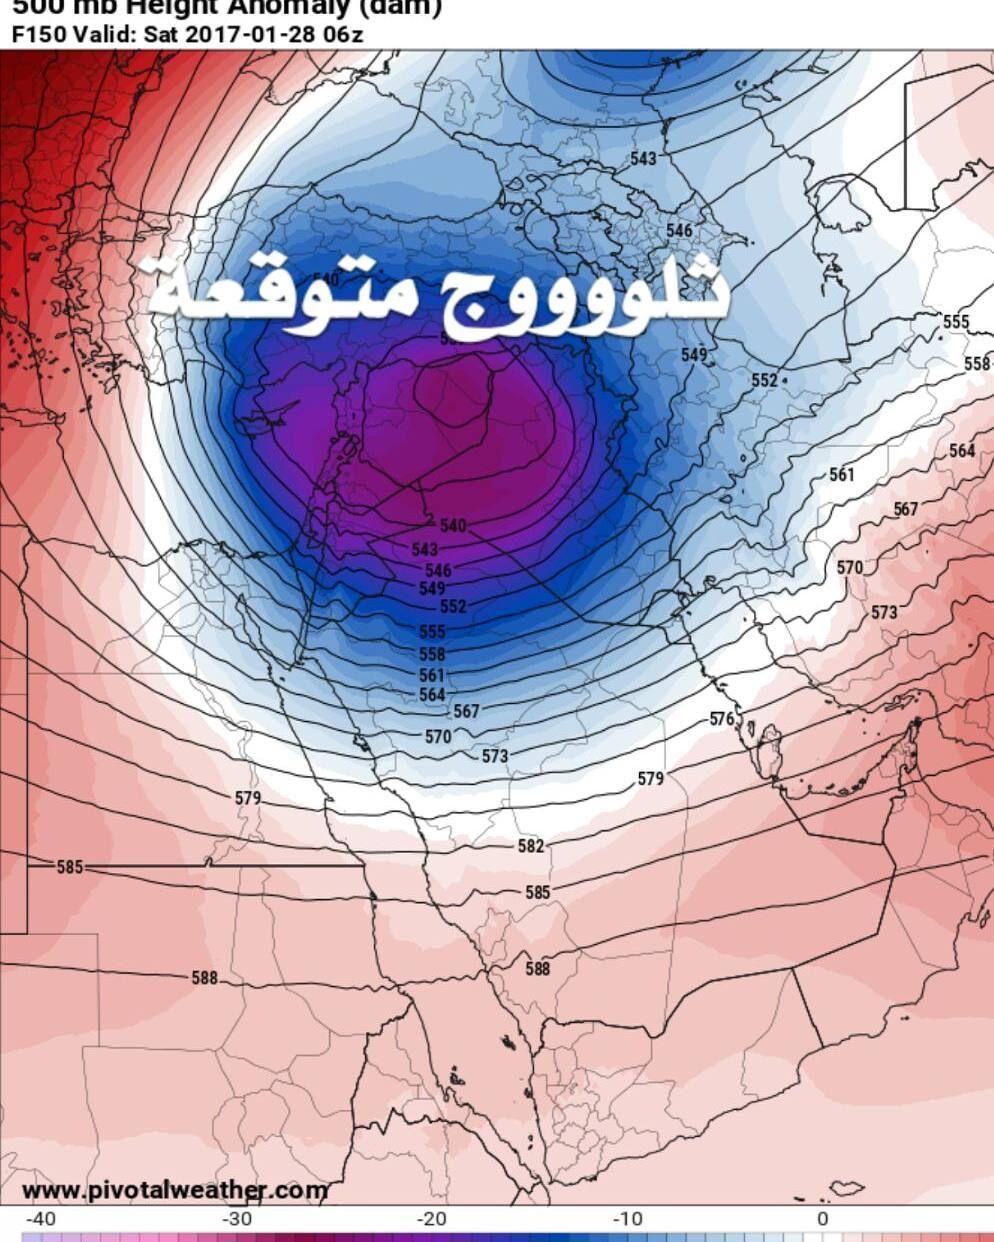 شبكة أجواء خريطة توضح مناطق متحتمل تساقط الثلوج عليها في نهااية شهر يناير الحالي و الله أعلم رابطة أجواء الخليج G Neon Signs Instagram Posts Instagram